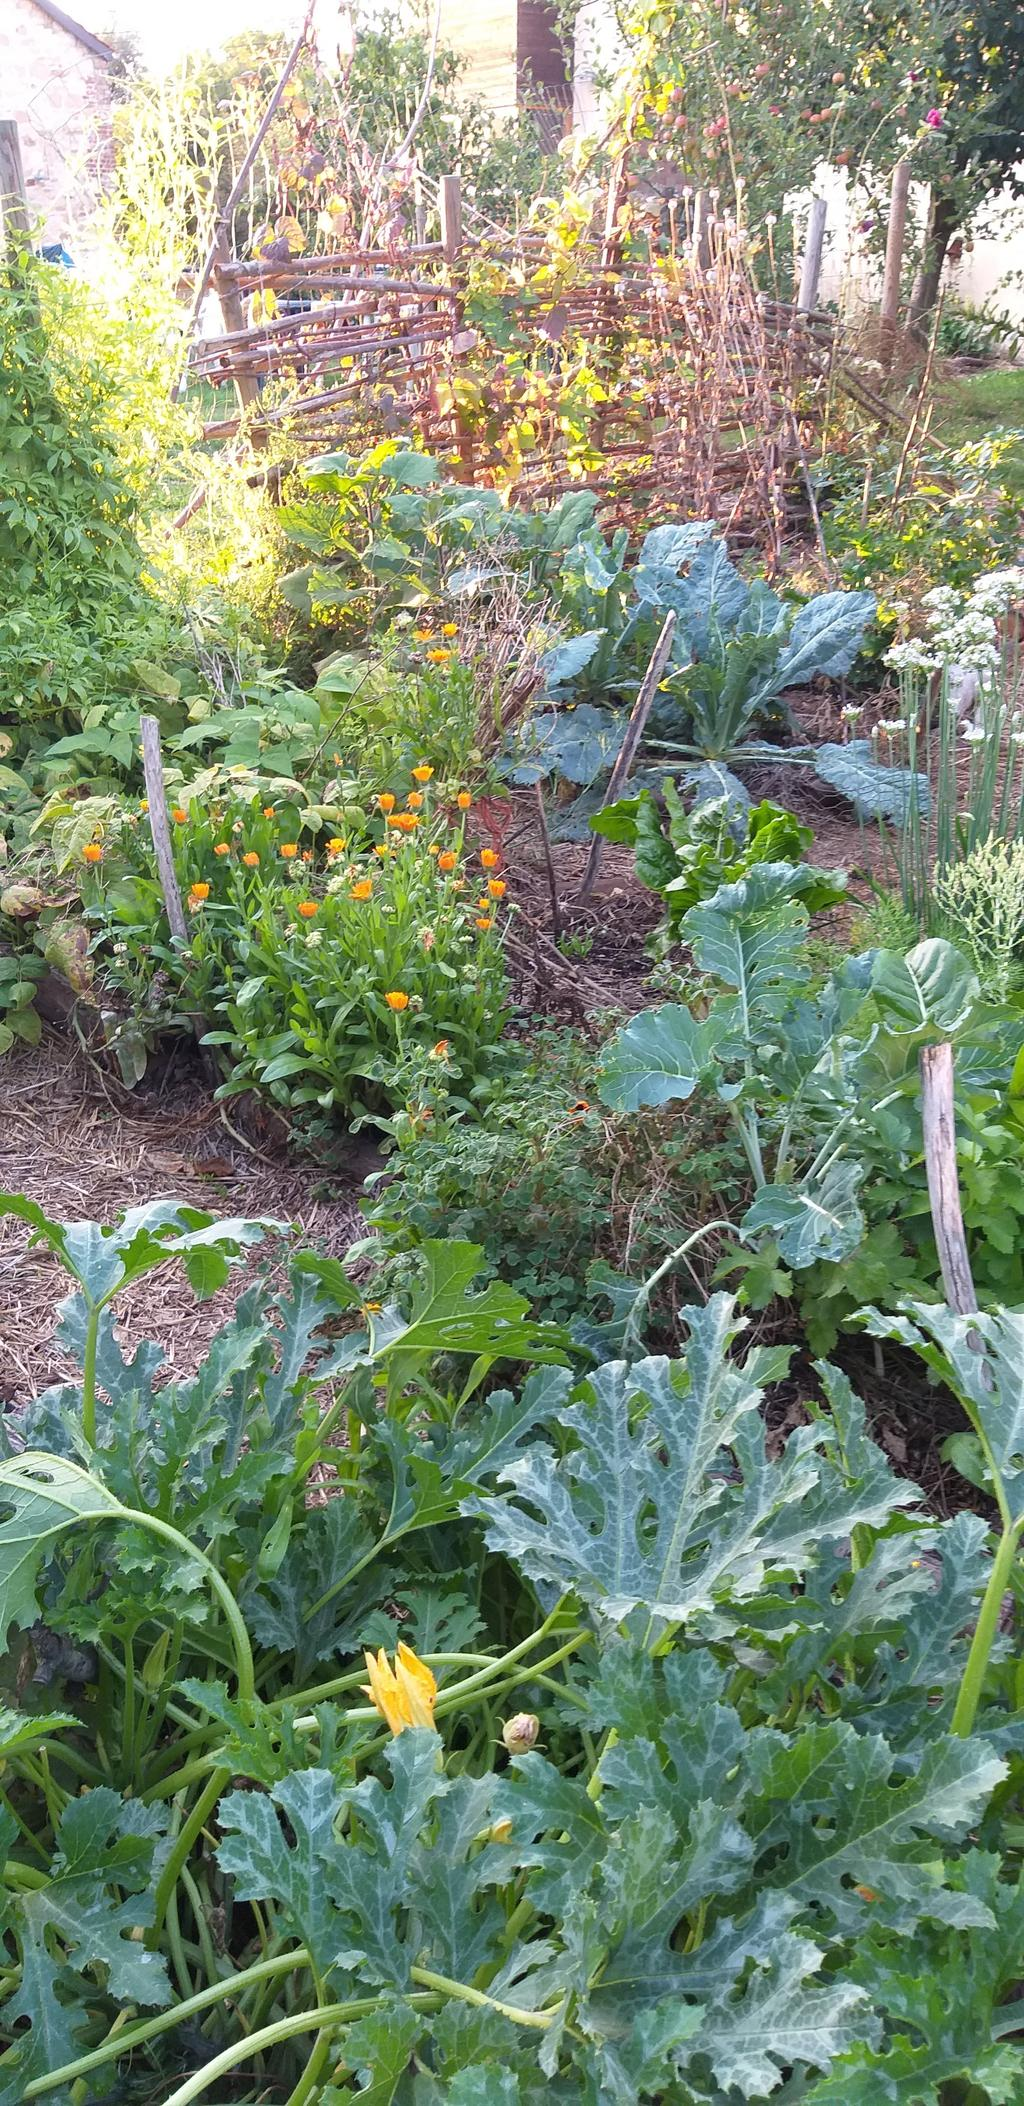 bloemen-sieren-de-moestuin-niet-alleen-op-ze-trekken-ook-veel-nuttige-insecten-aan-die-plaaginsecten-kunnen-indijken